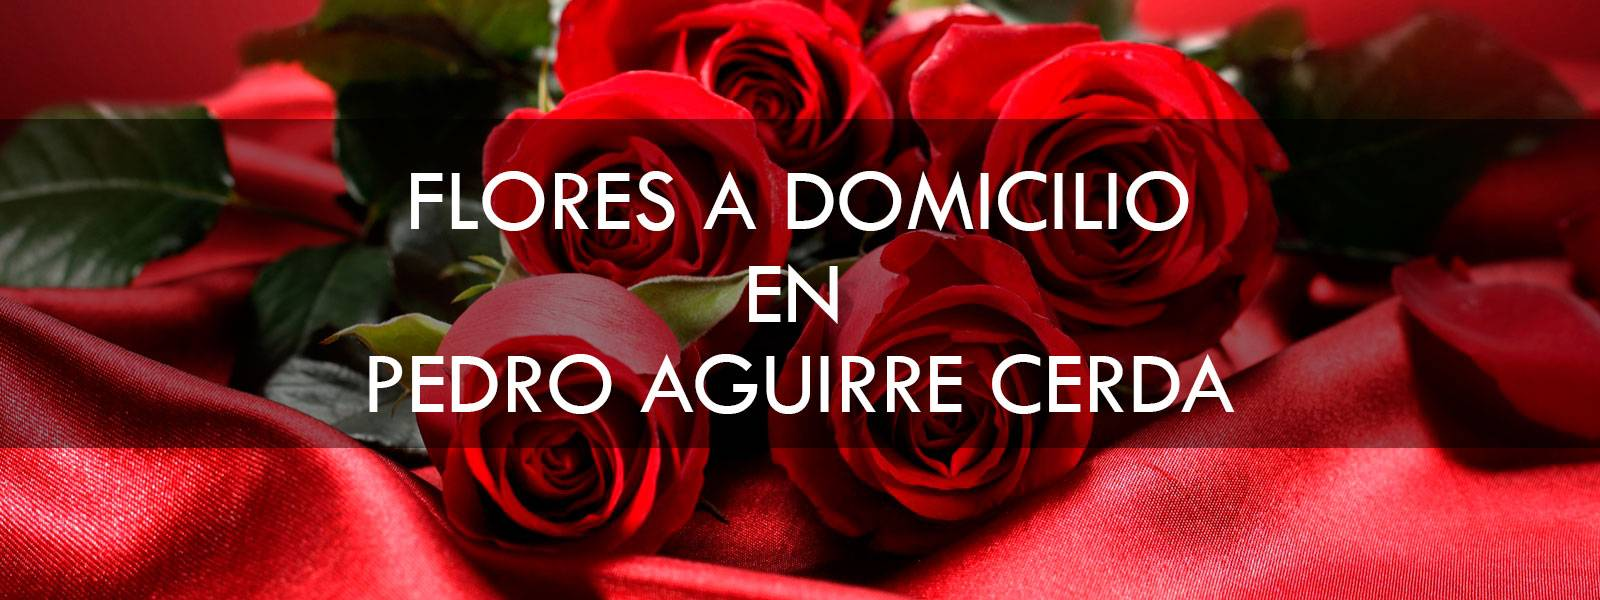 Flores a domicilio en Pedro Aguirre Cerda